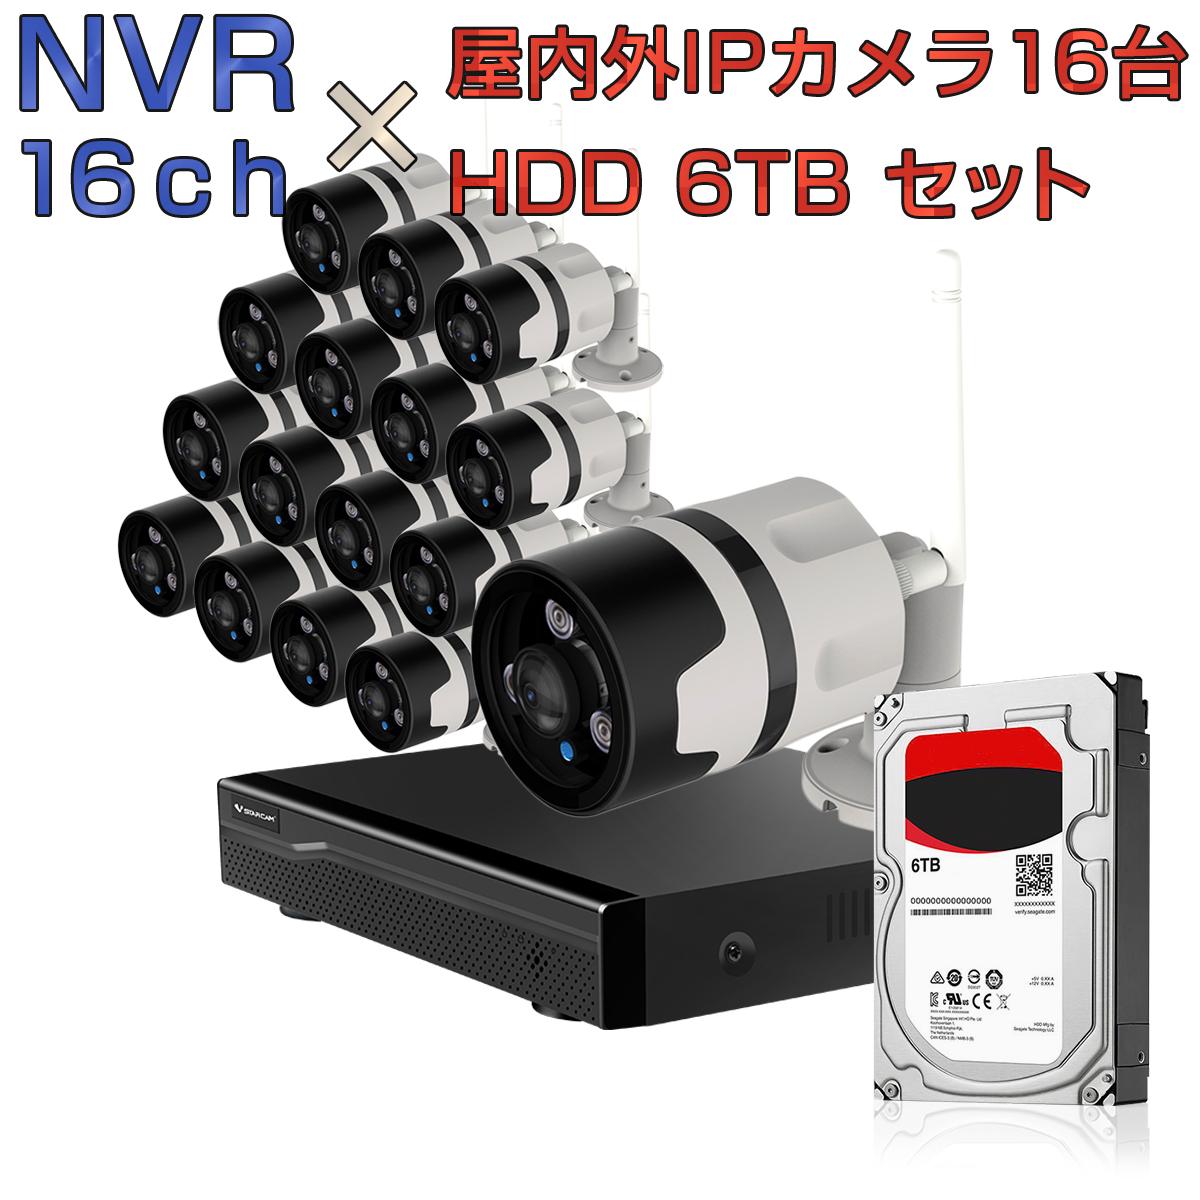 NVR ネットワークビデオレコーダー 16ch HDD6TB内蔵 C63S 2K 1080p 200万画素カメラ 16台セット IP ONVIF形式 スマホ対応 遠隔監視 FHD 動体検知 同時出力 録音対応 H.265+ IPカメラレコーダー監視システム 6ヶ月保証 K&M